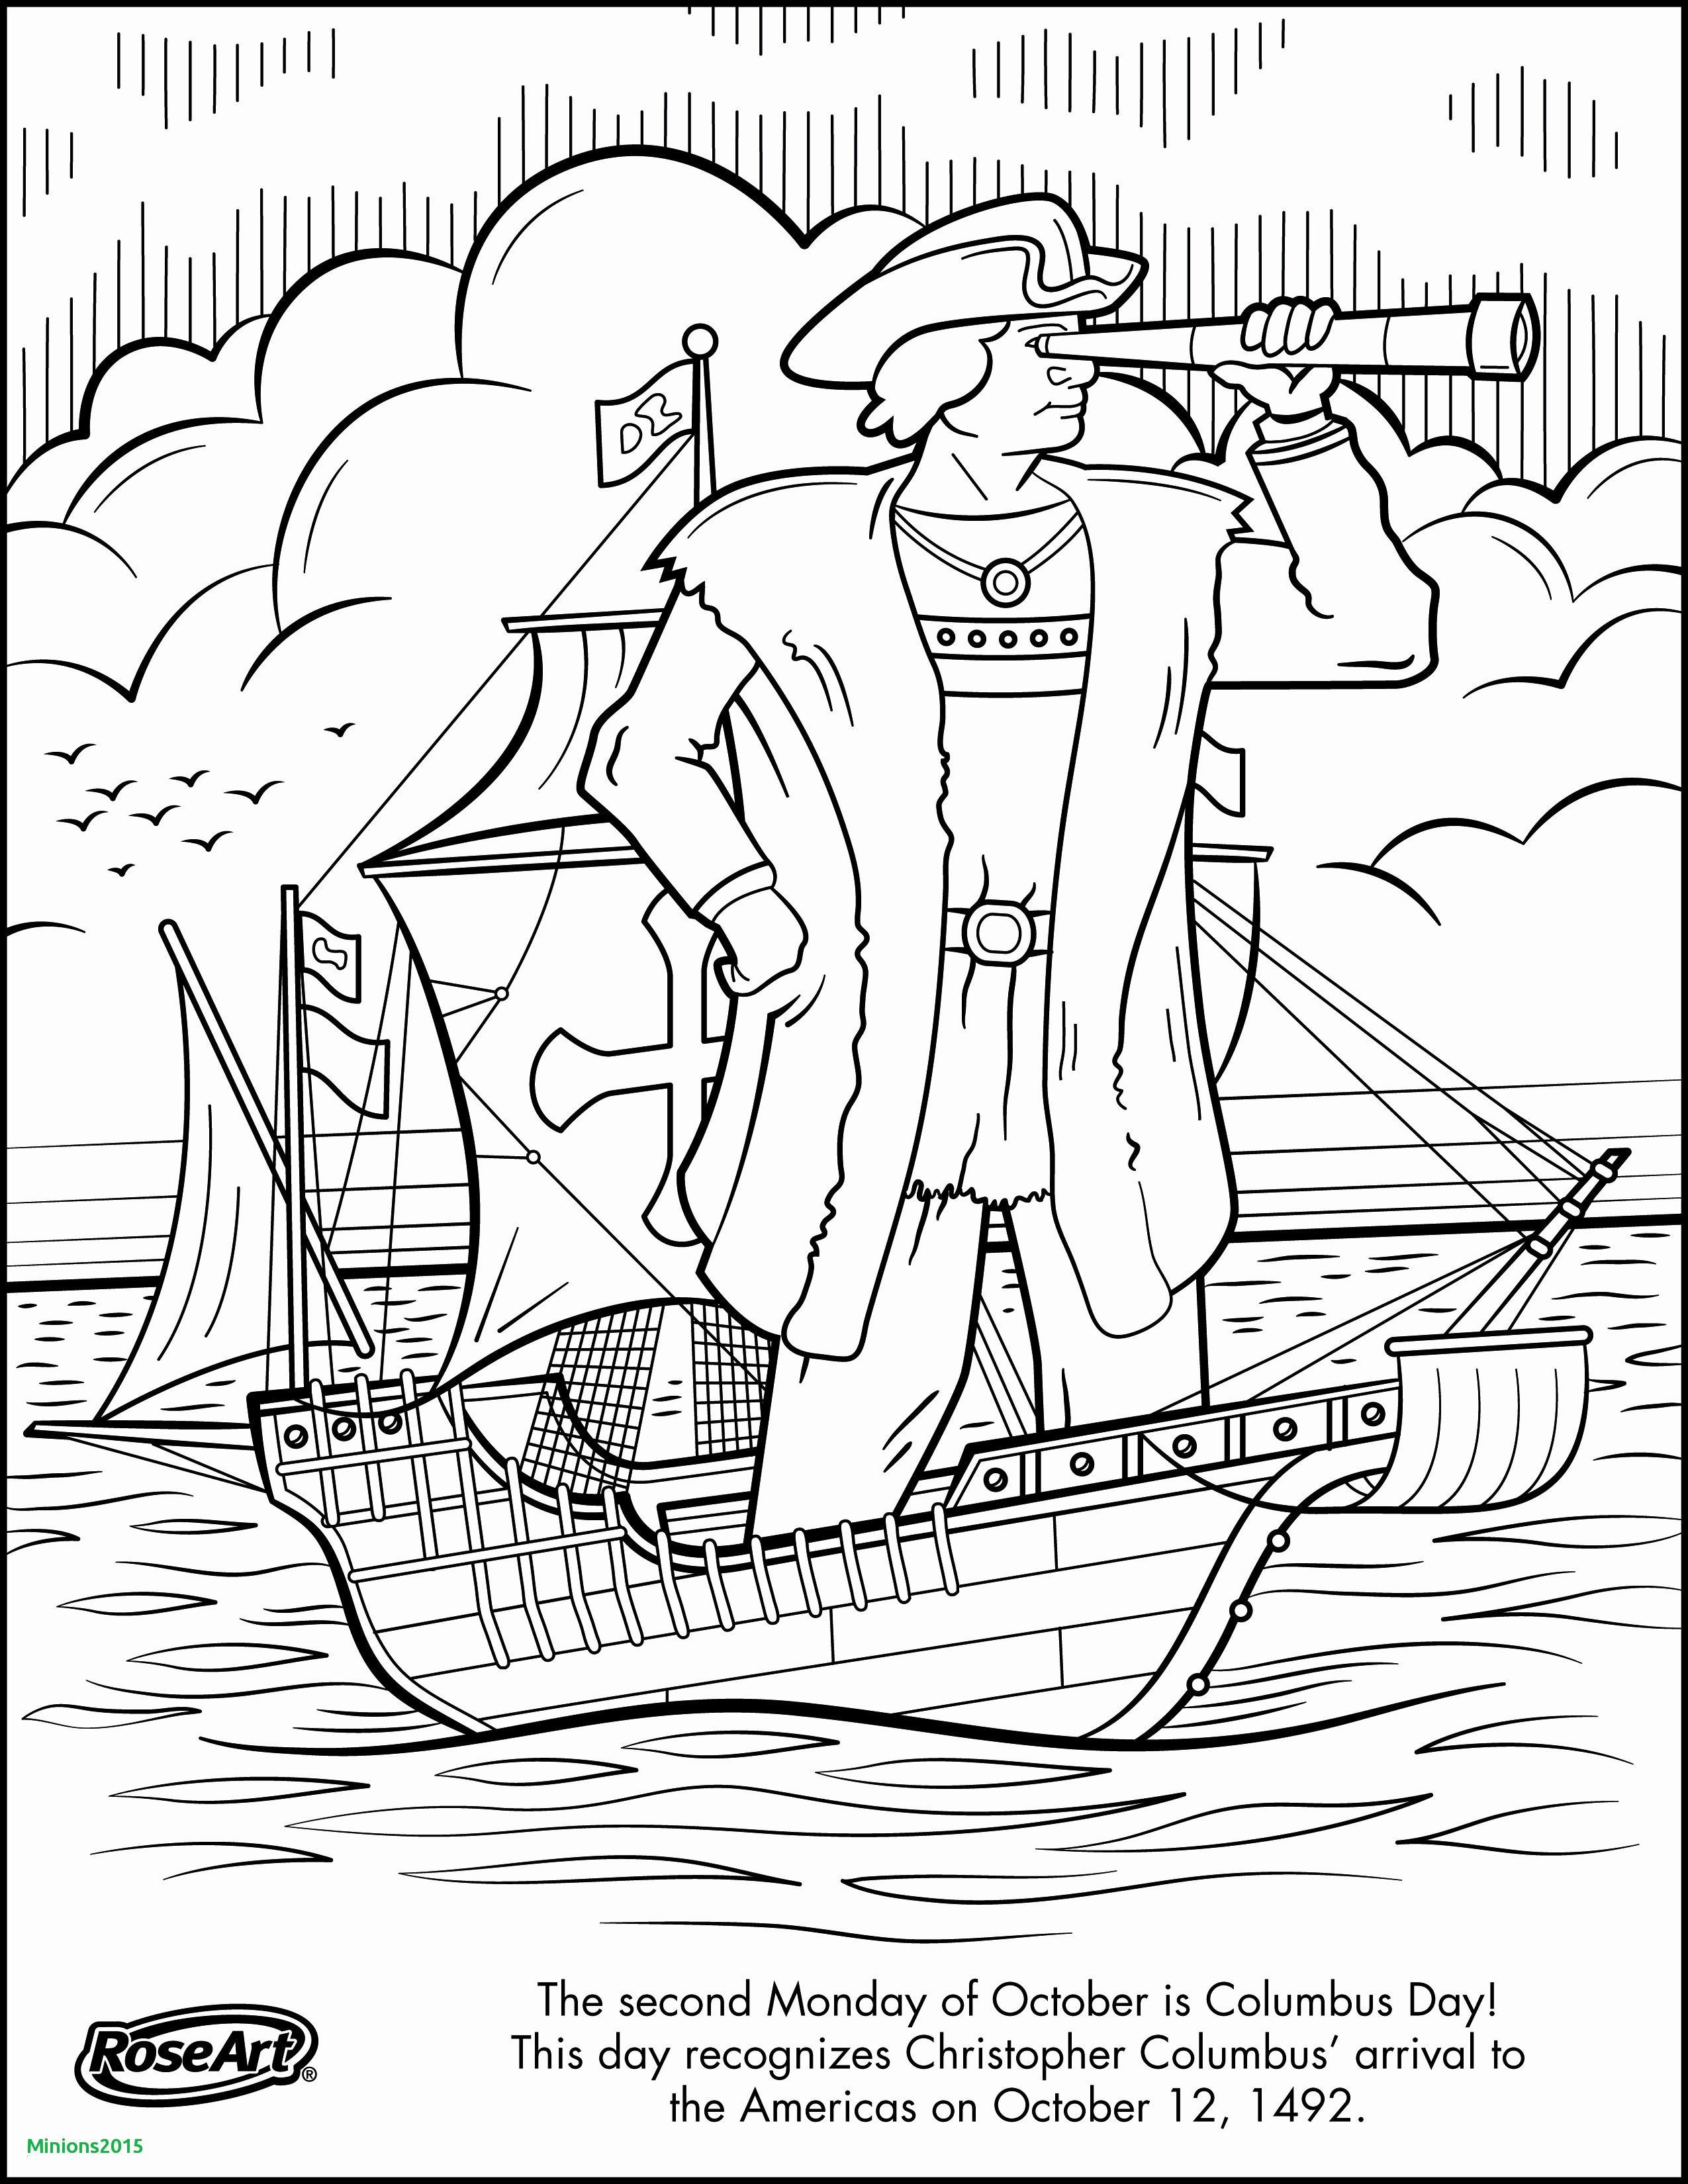 Minions Ausmalbilder Bob Teddy Einzigartig 40 Ausmalbilder Tinkerbell Und Die Piratenfee Scoredatscore Schön Fotos